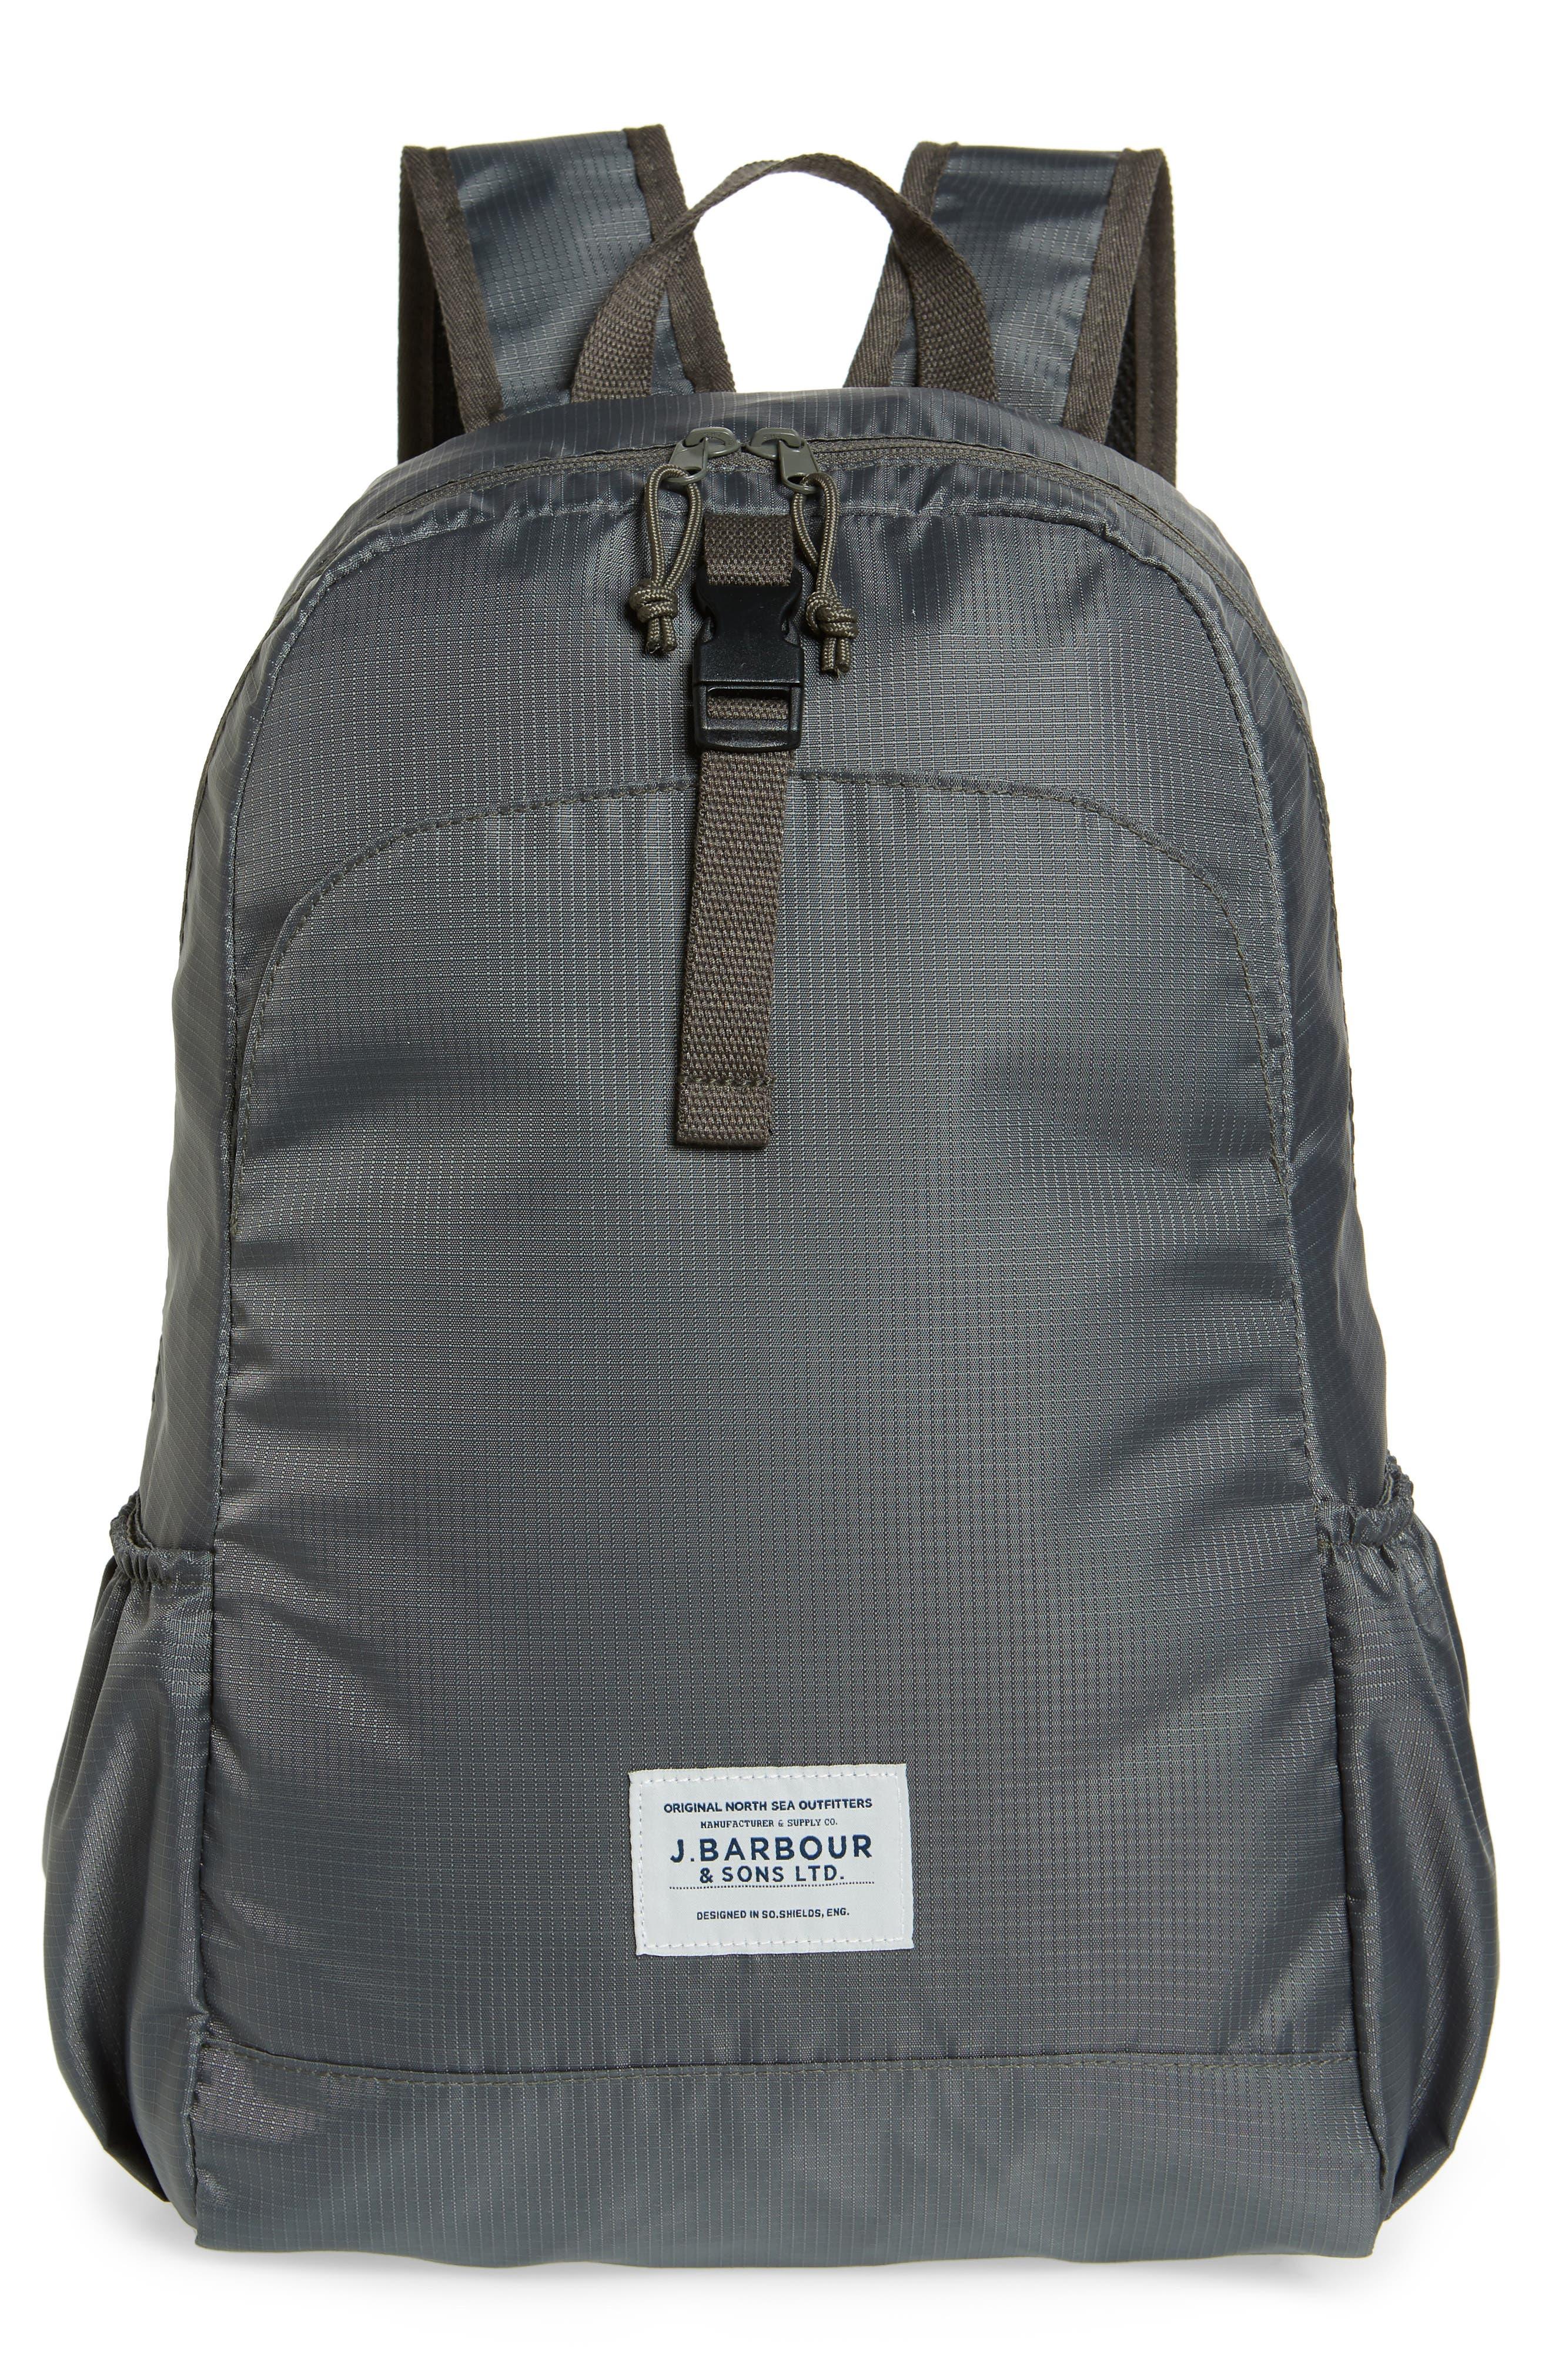 Barbour Kilburne Backpack - Green